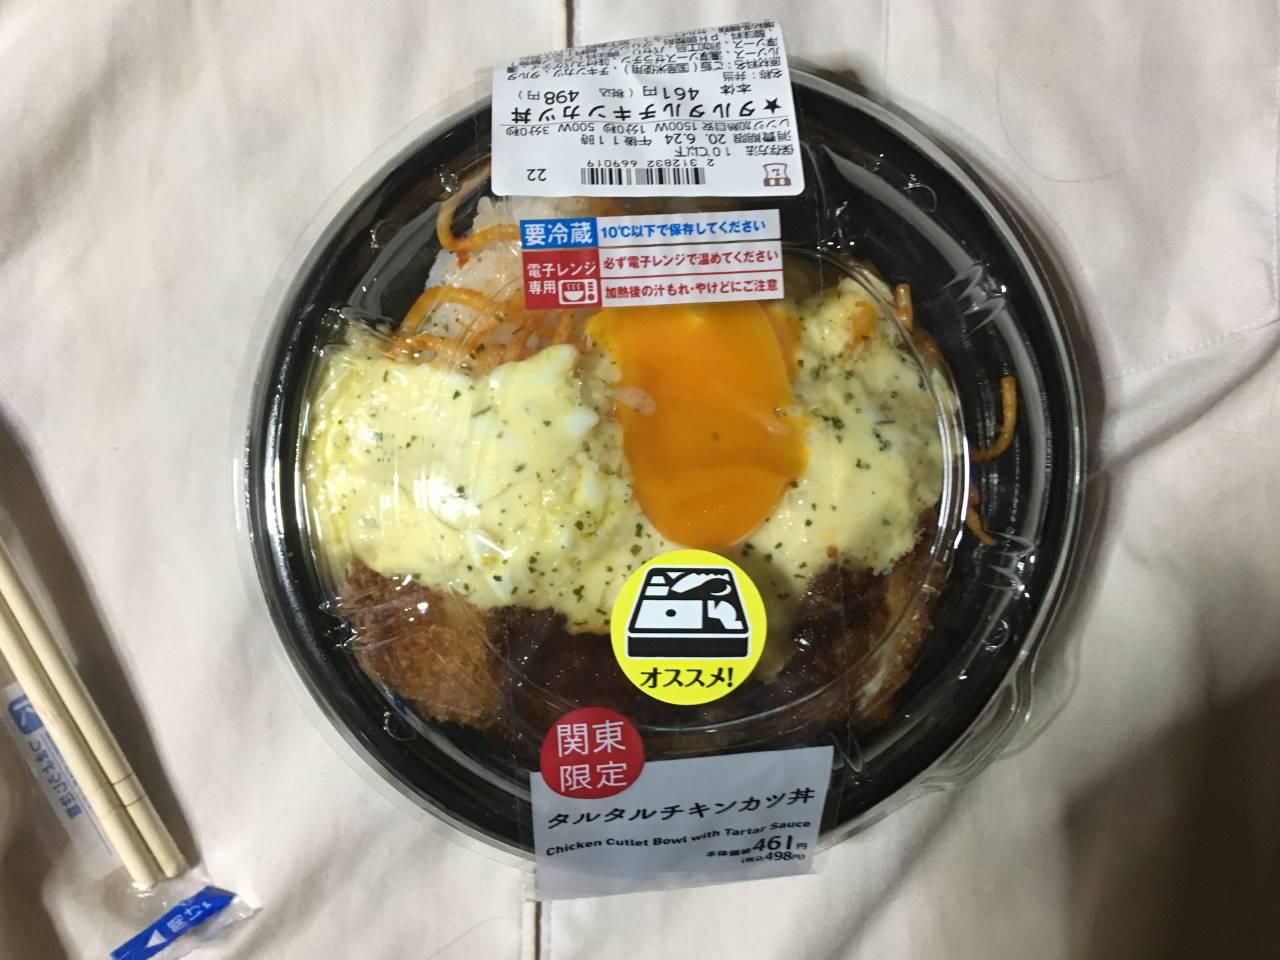 タルタルチキンカツ丼|ローソン